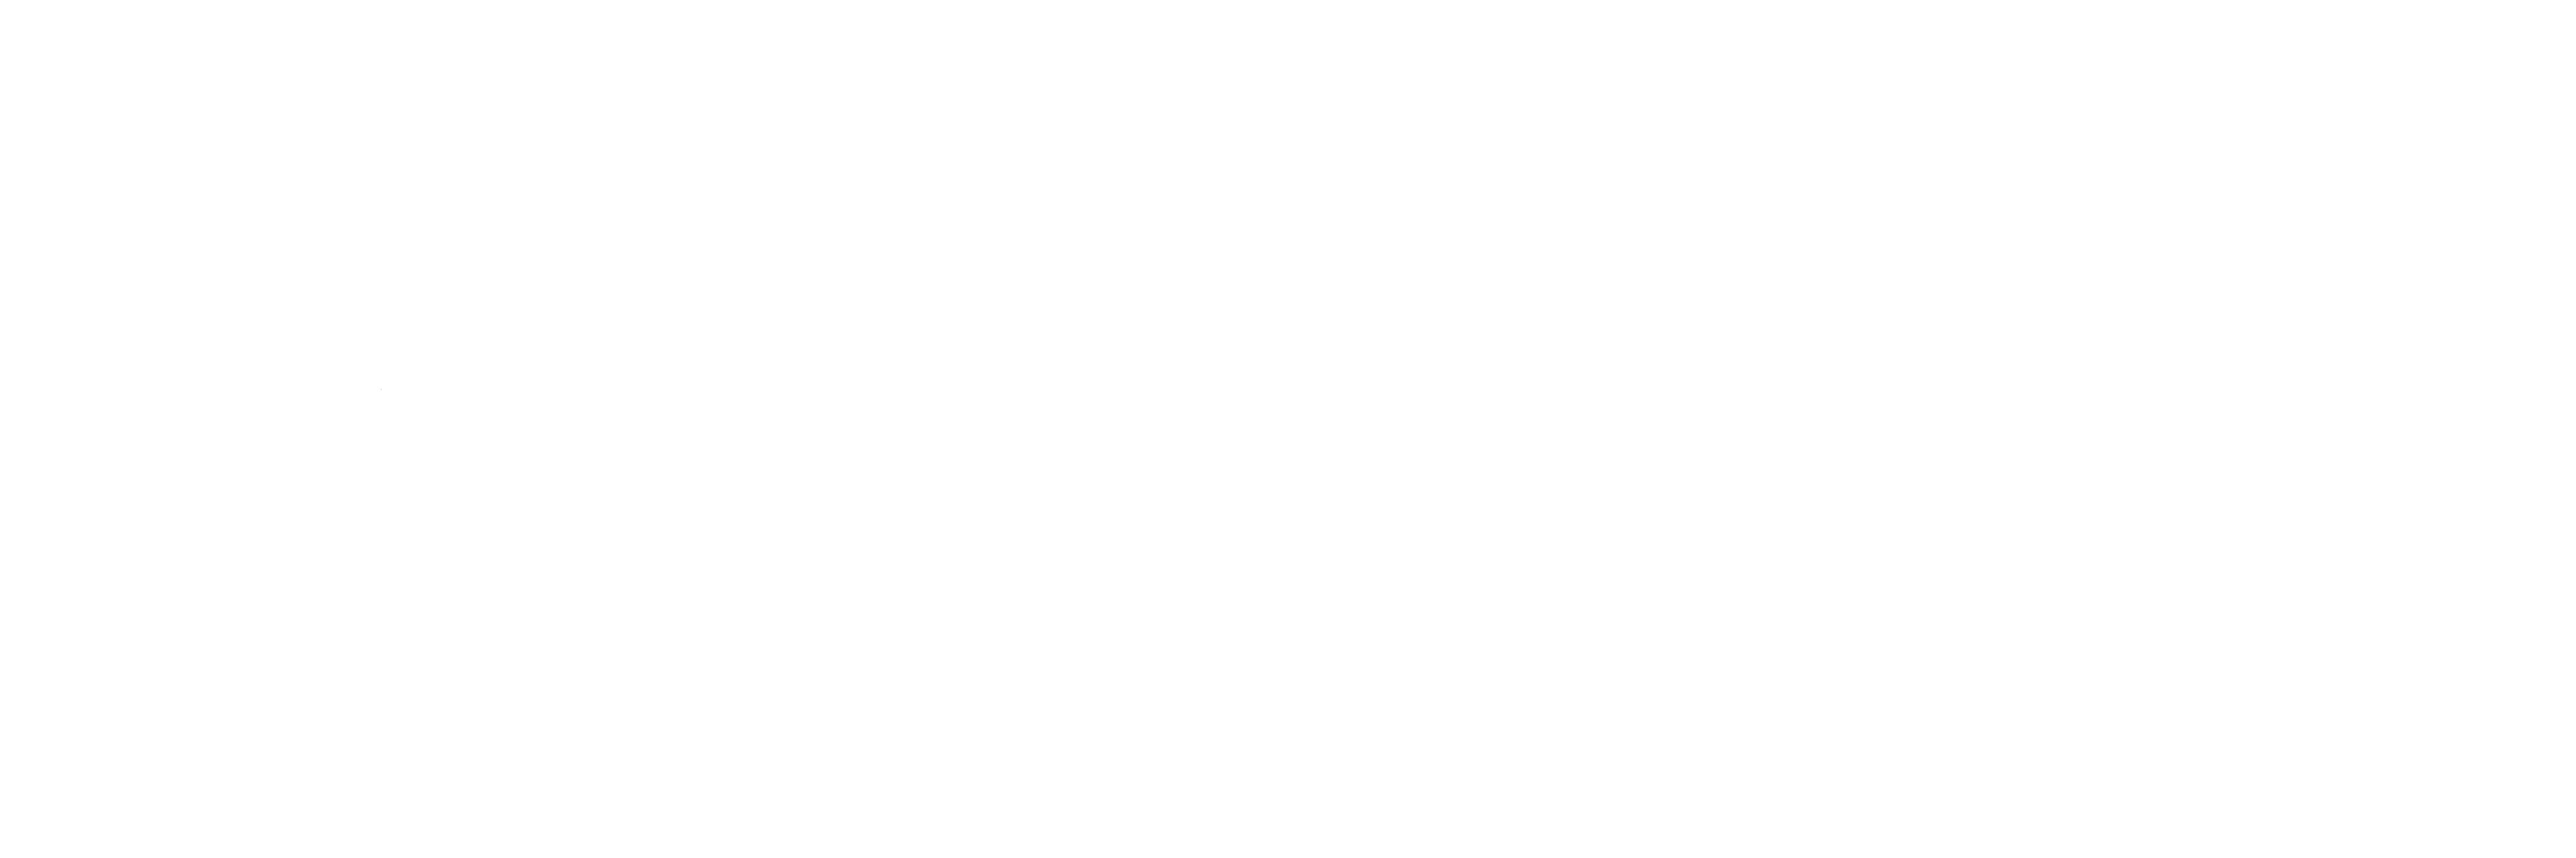 Axtrom.ro Producător și distribuitor de polietilenă. Axtrom oferă soluții complete de împachetare prin produse din polietilenă și carton.